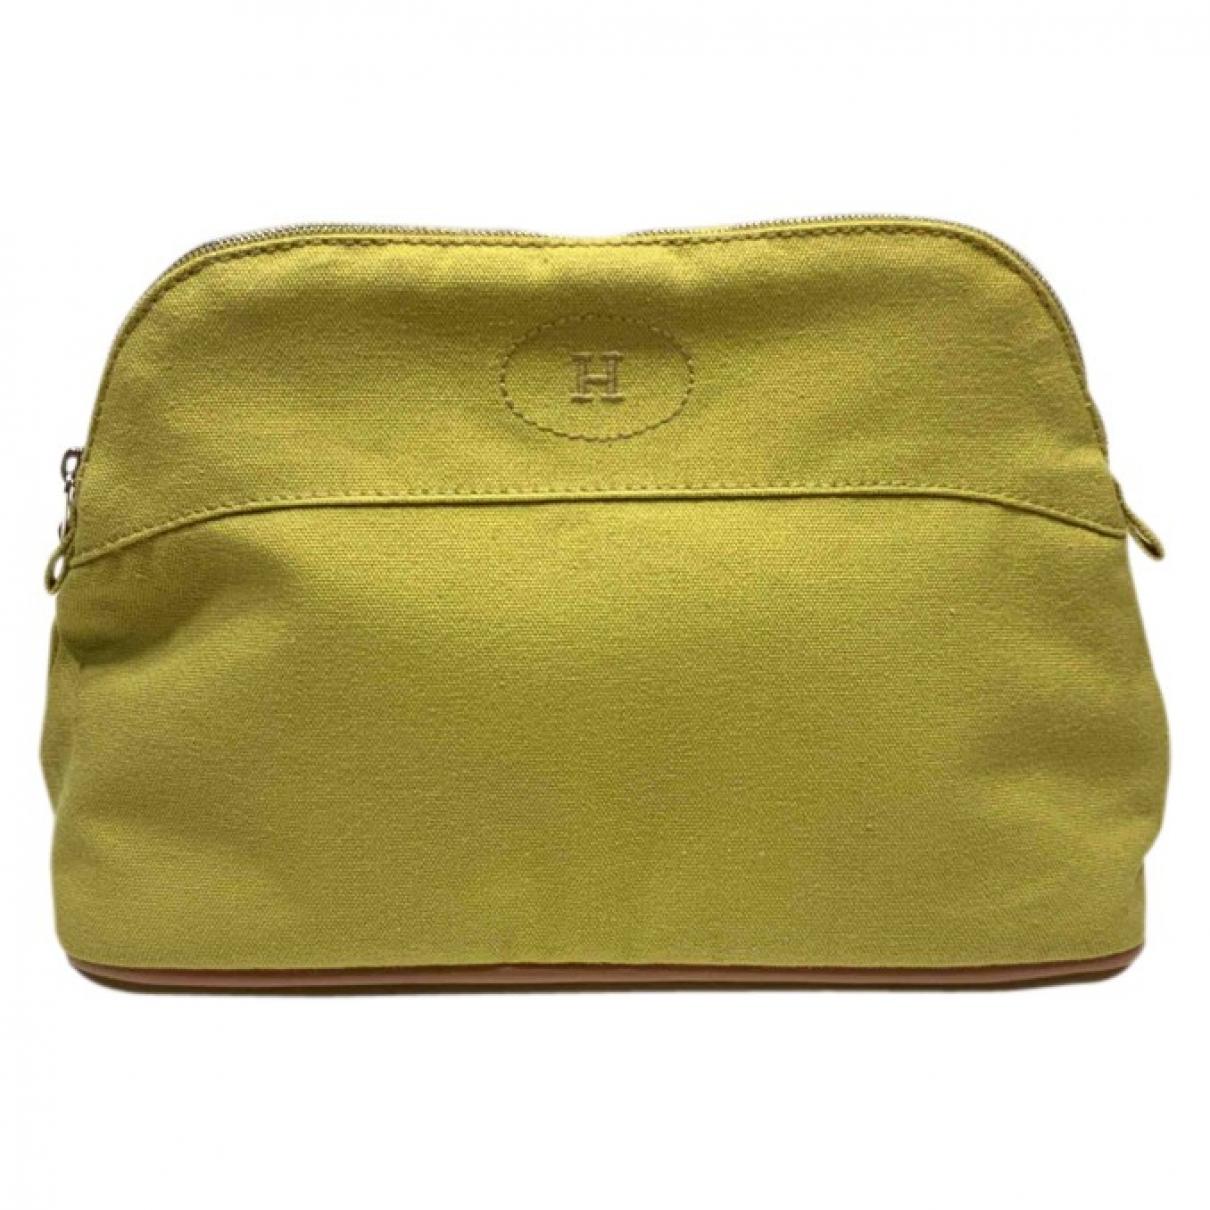 Hermes \N Reisetasche in  Gelb Baumwolle